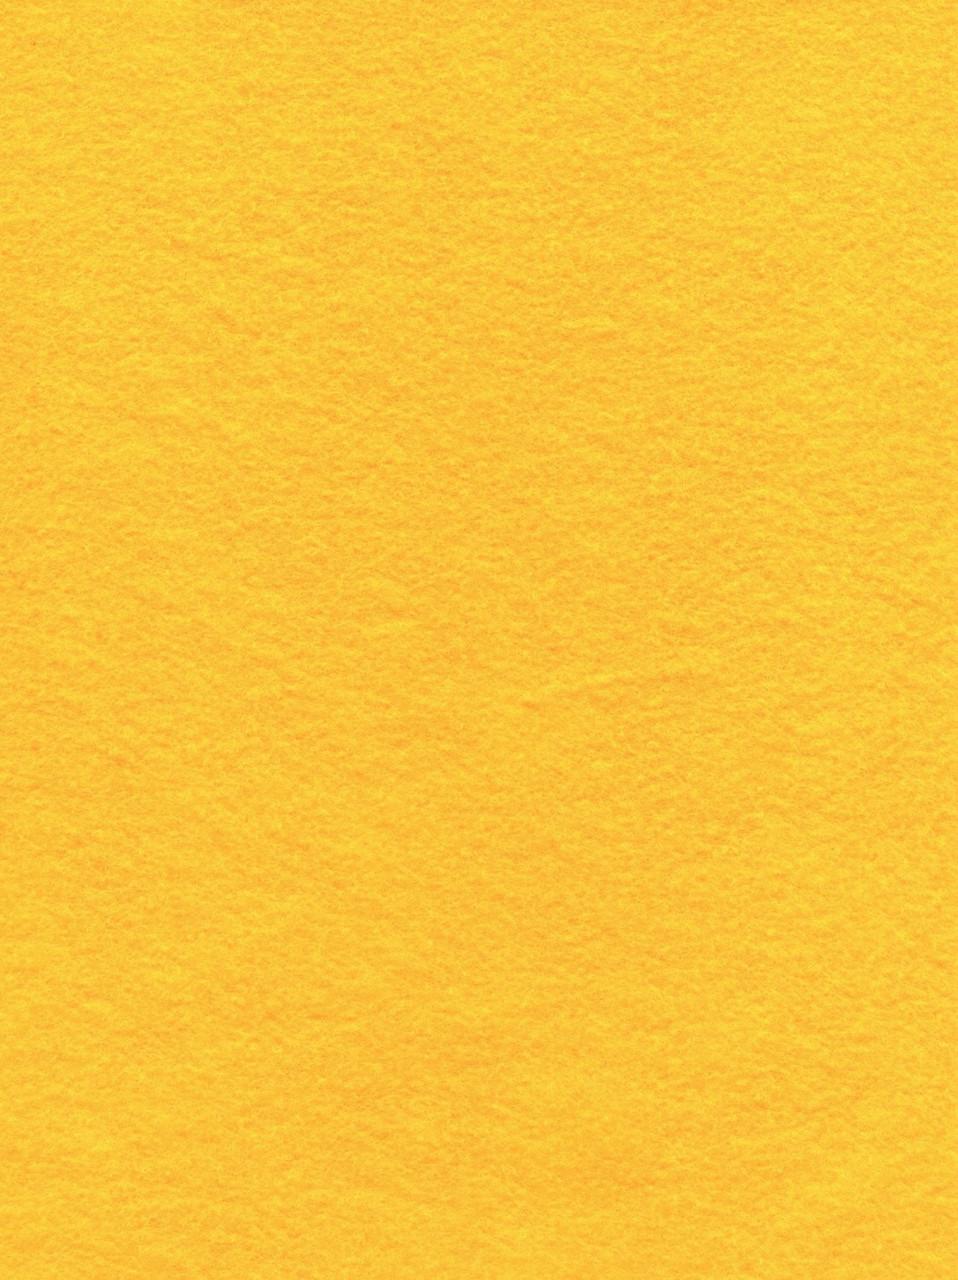 """Фетр Желтый 1 мм 21x30 см - интернет-магазин """"Patricat"""" в Харькове"""